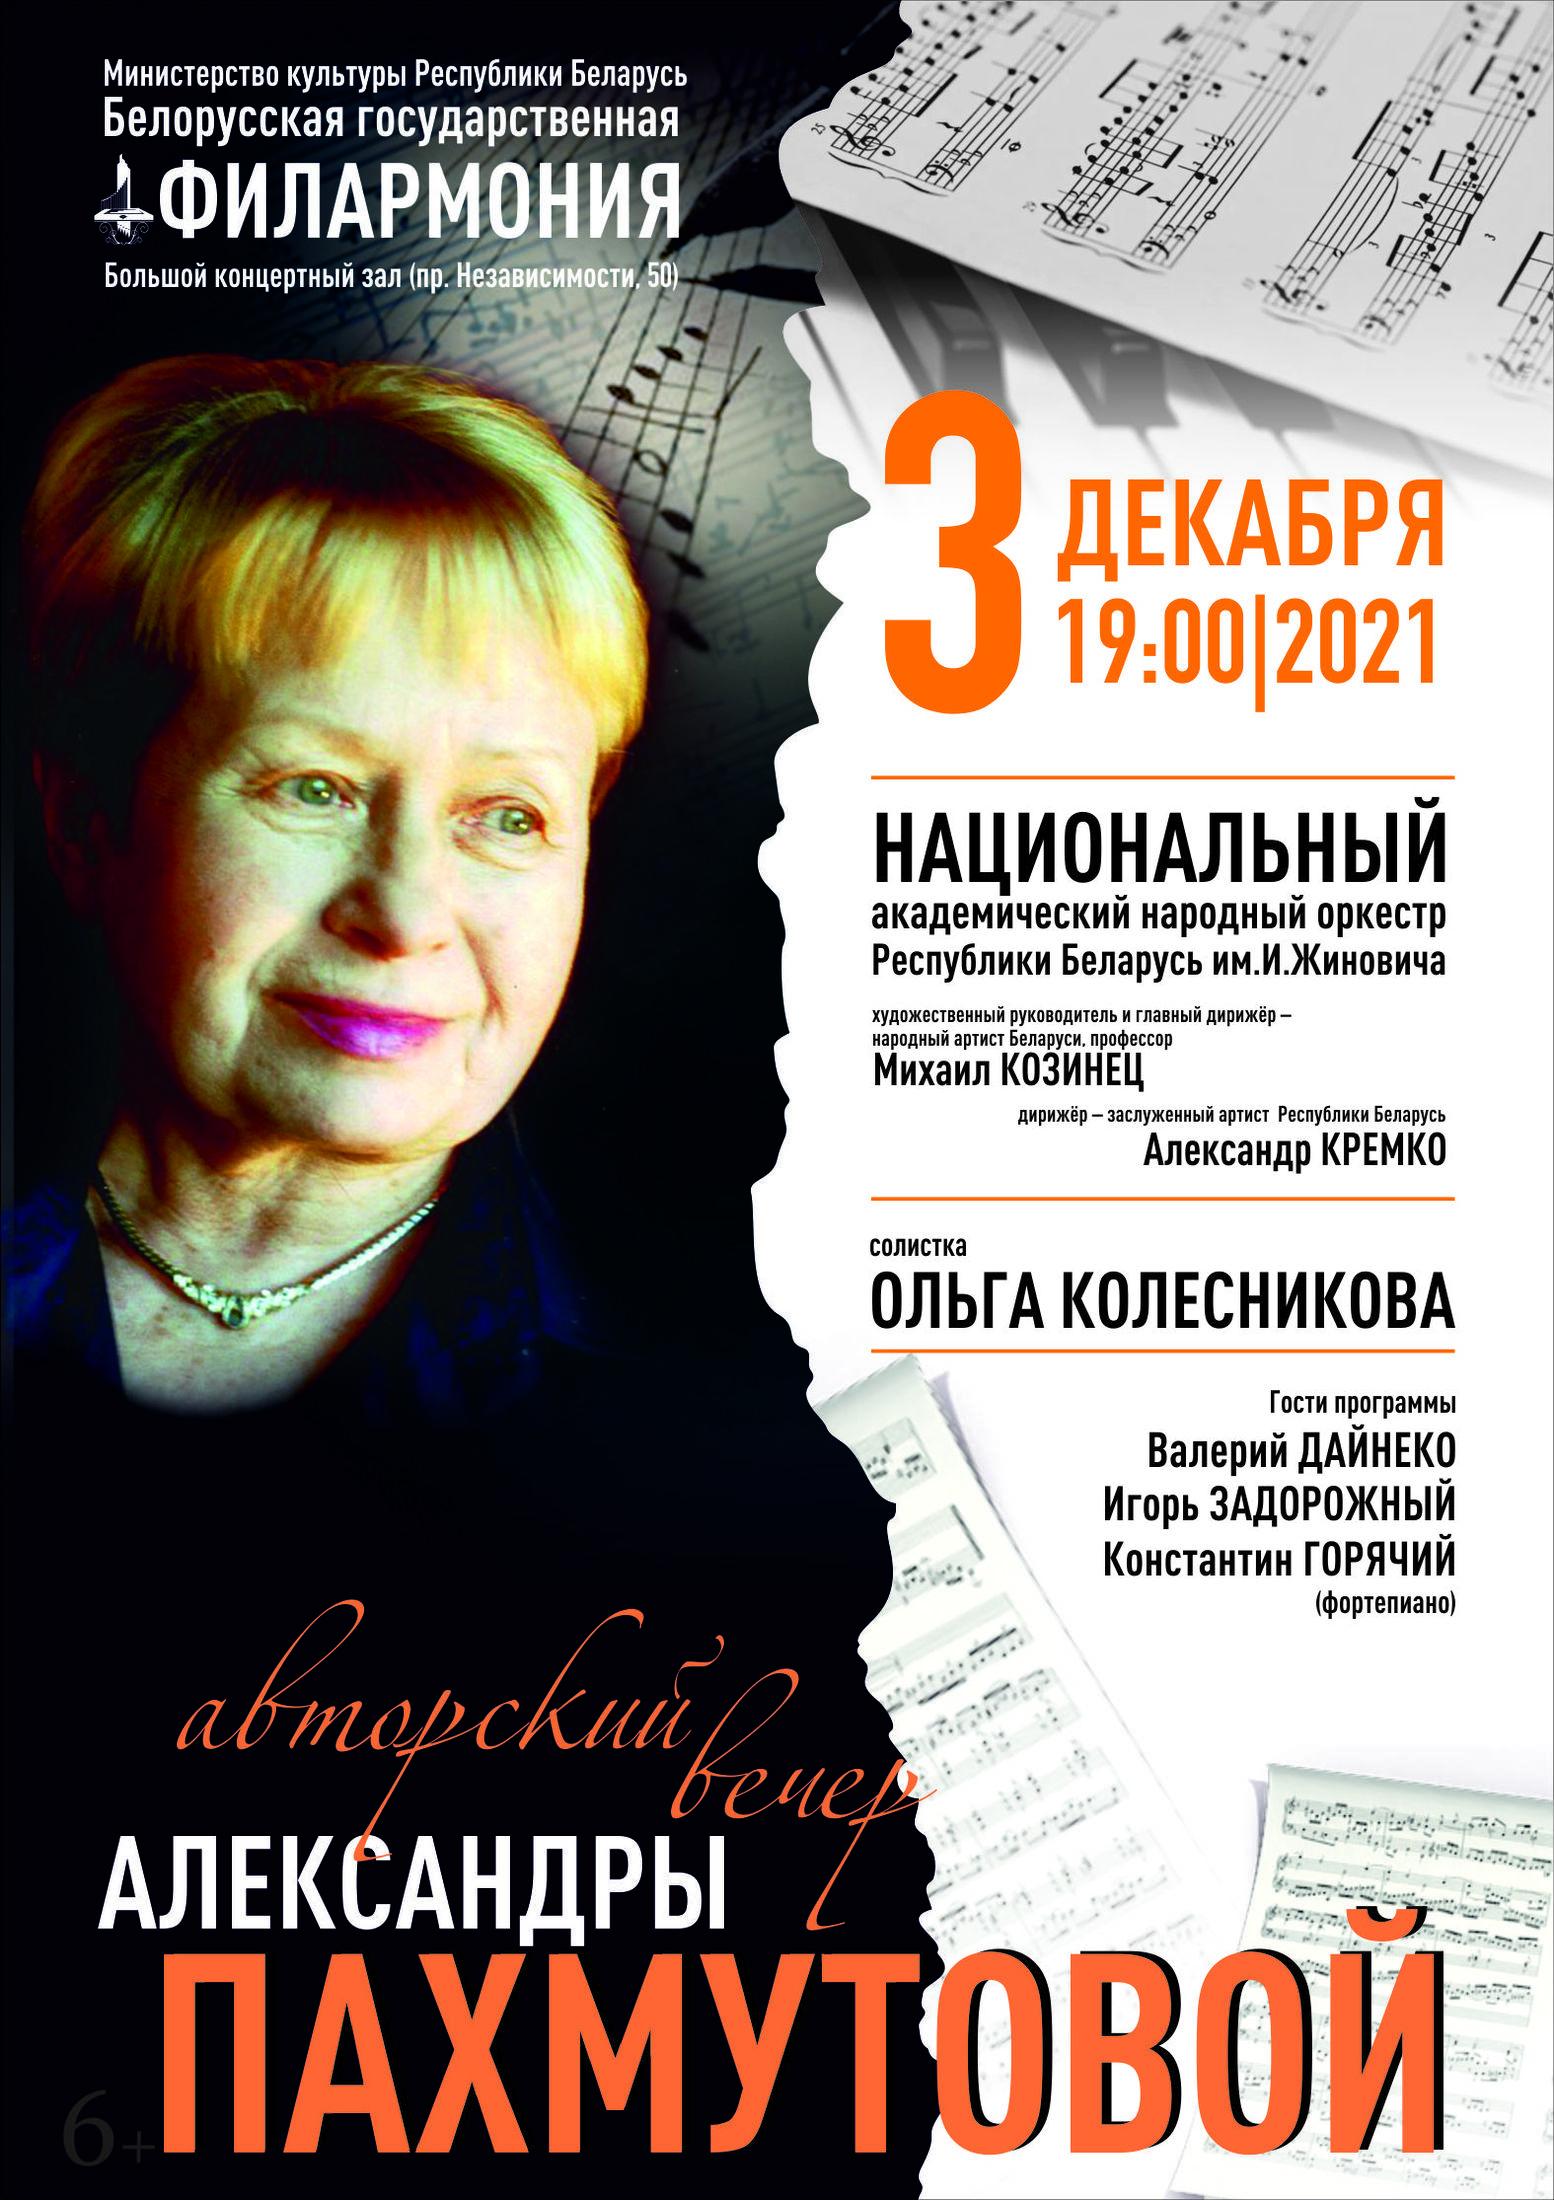 Авторский вечер композитора Александры Пахмутовой @ Белорусская государственная филармония